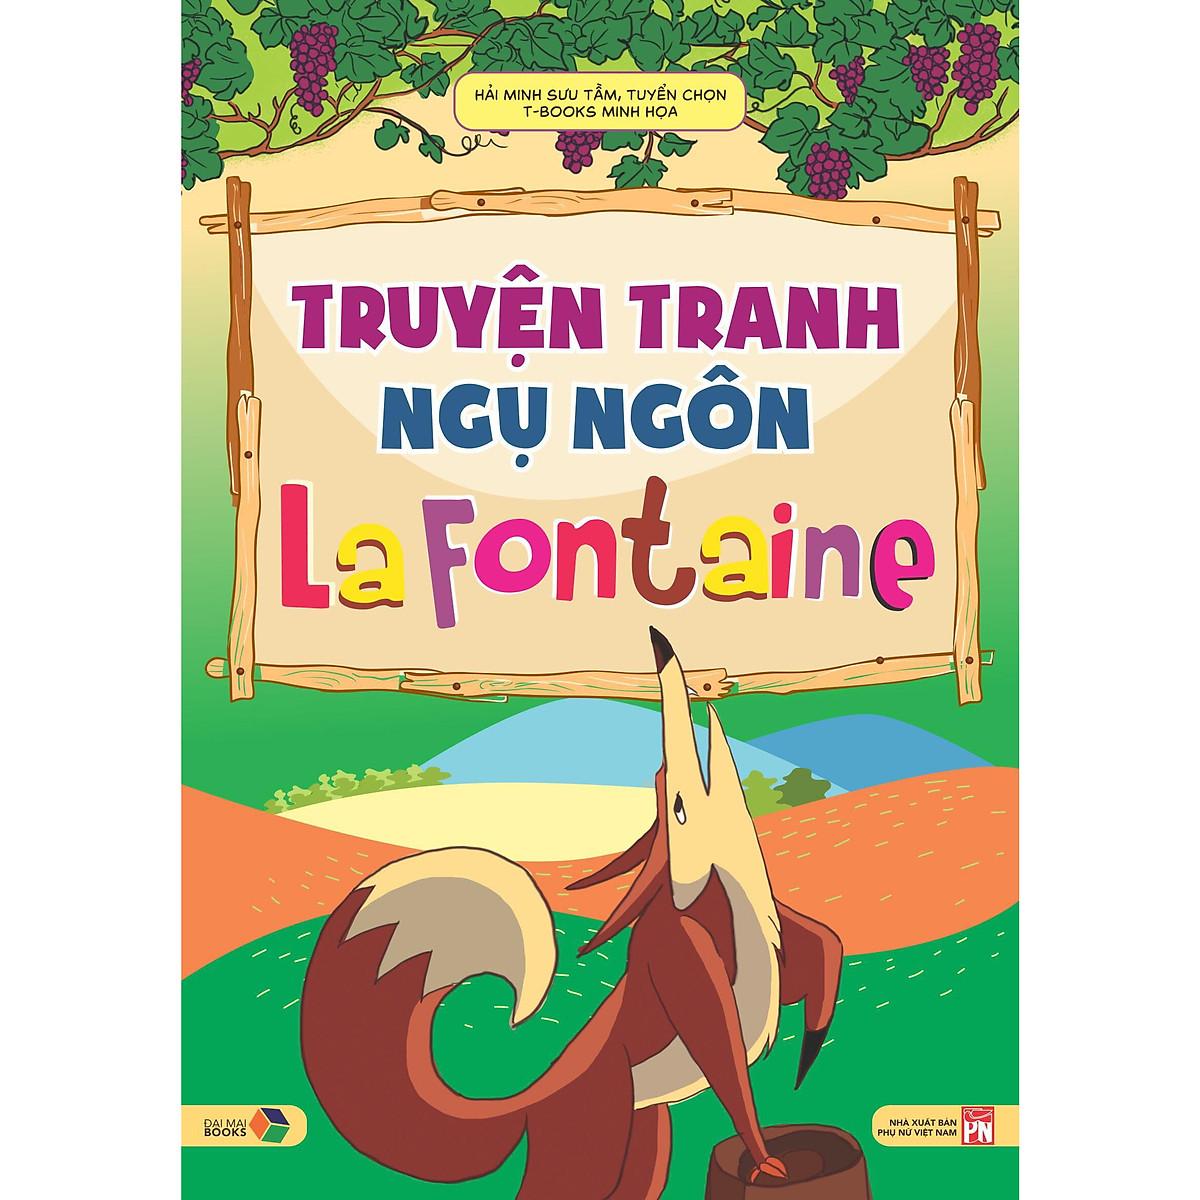 Biểu đồ lịch sử biến động giá bán Truyện Tranh Ngụ Ngôn La Fontaine